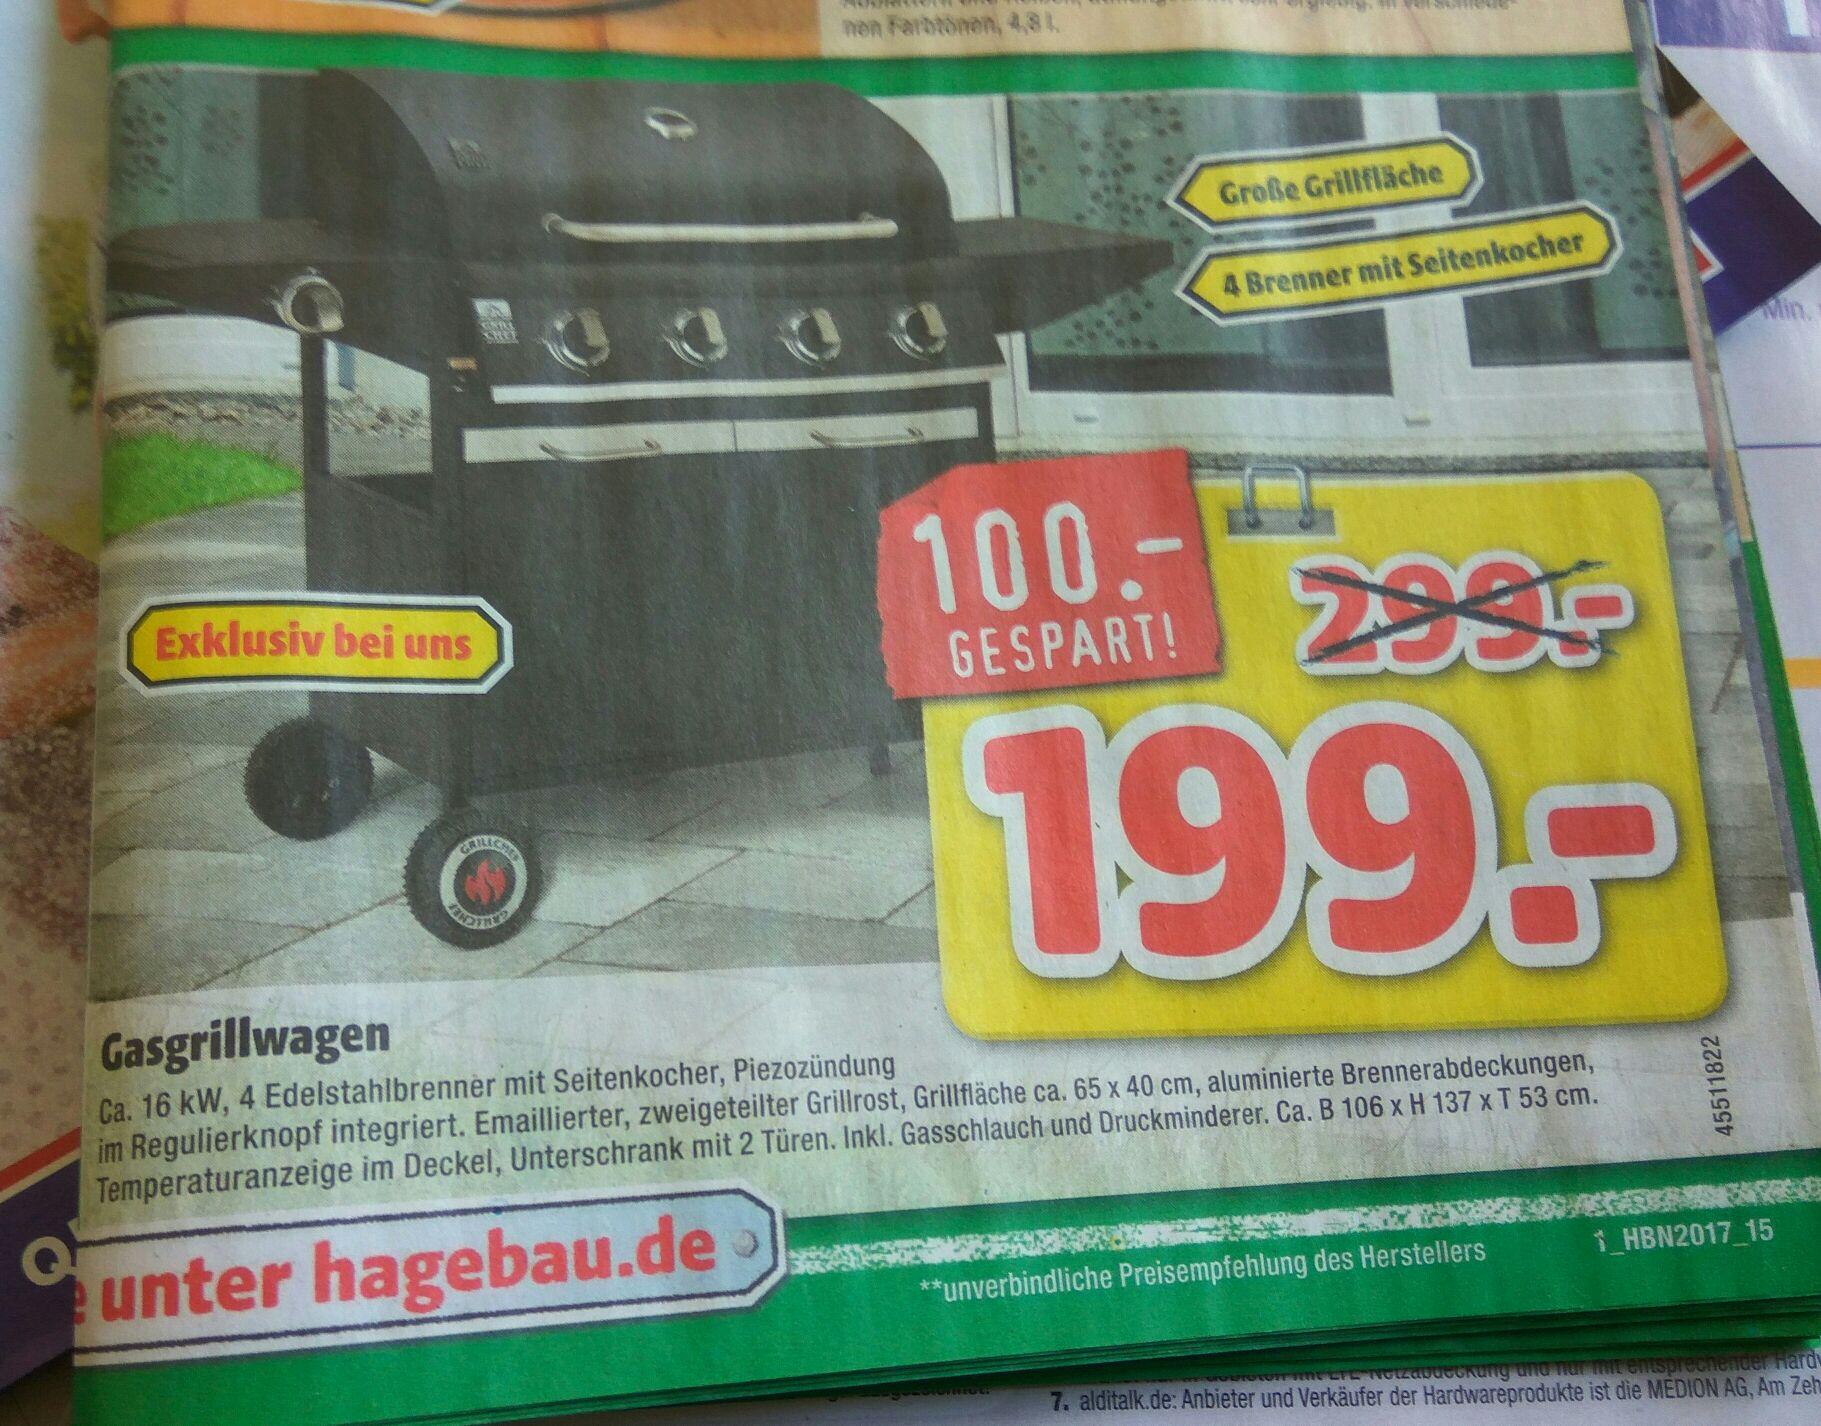 [Hagebaumarkt] Grillchef by Landmann Gasgrillwagen 4+1 Brenner